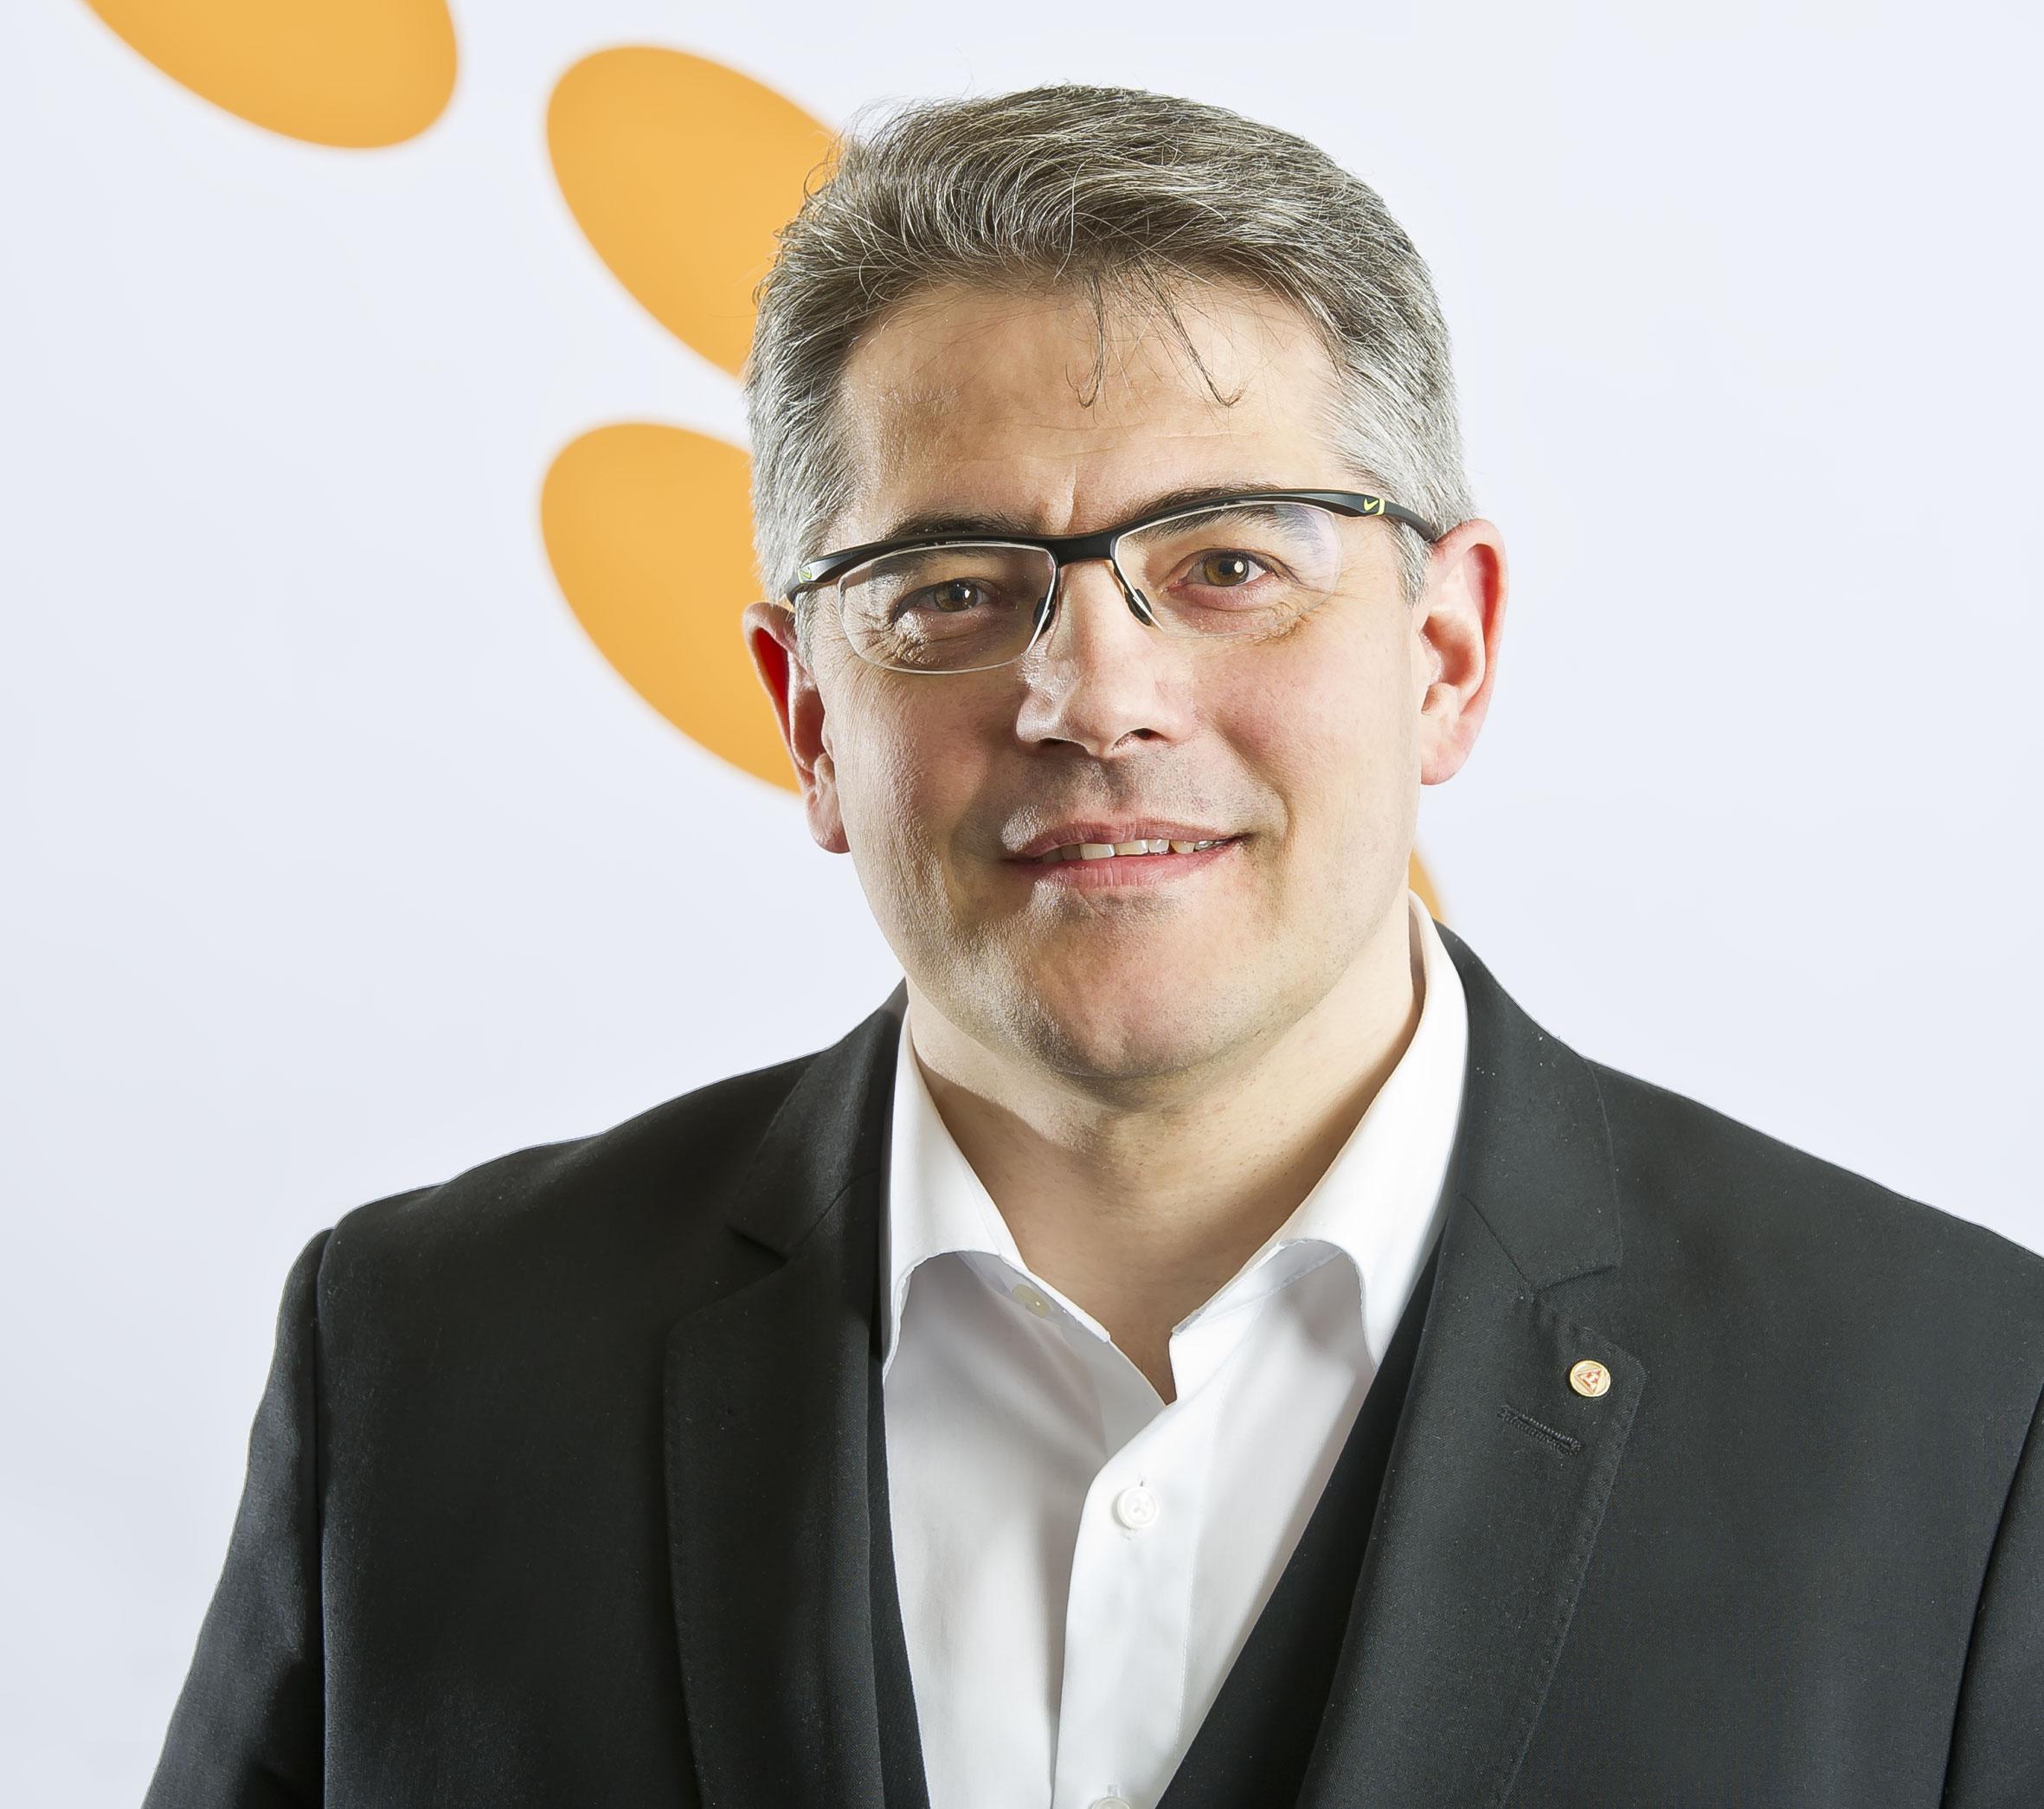 Lucas Schult, neuer CEO bei HIN